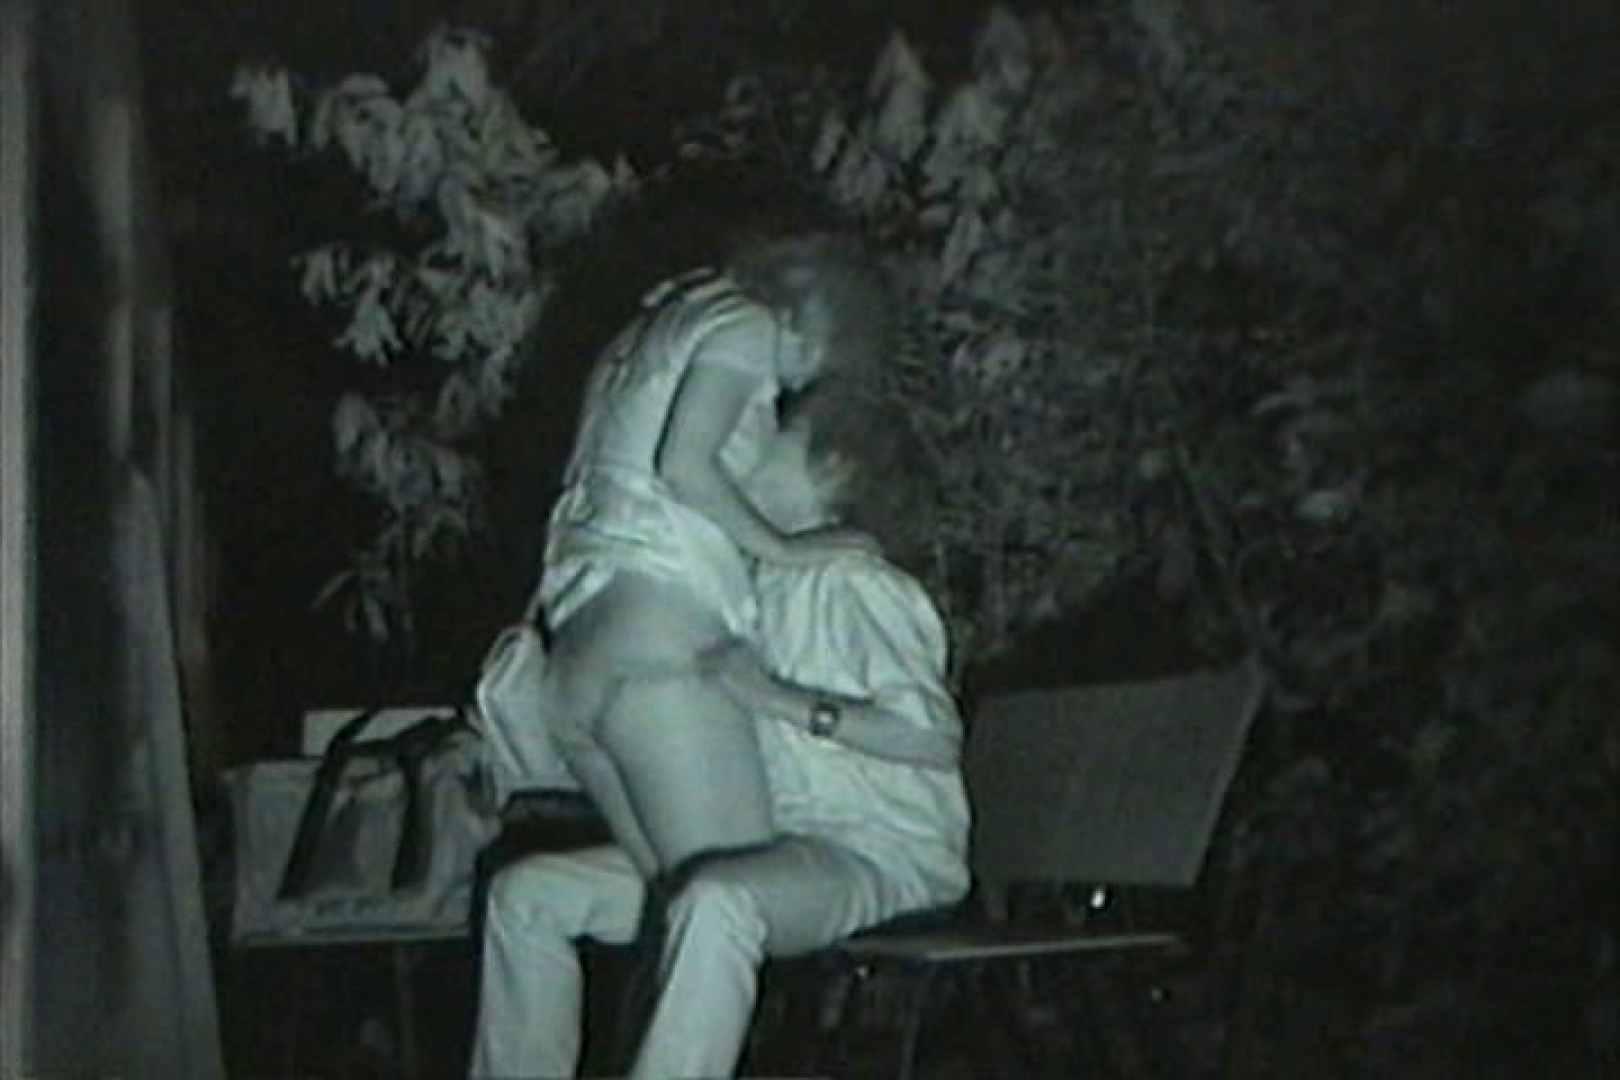 闇の仕掛け人 無修正版 Vol.24 美しいOLの裸体  101pic 60